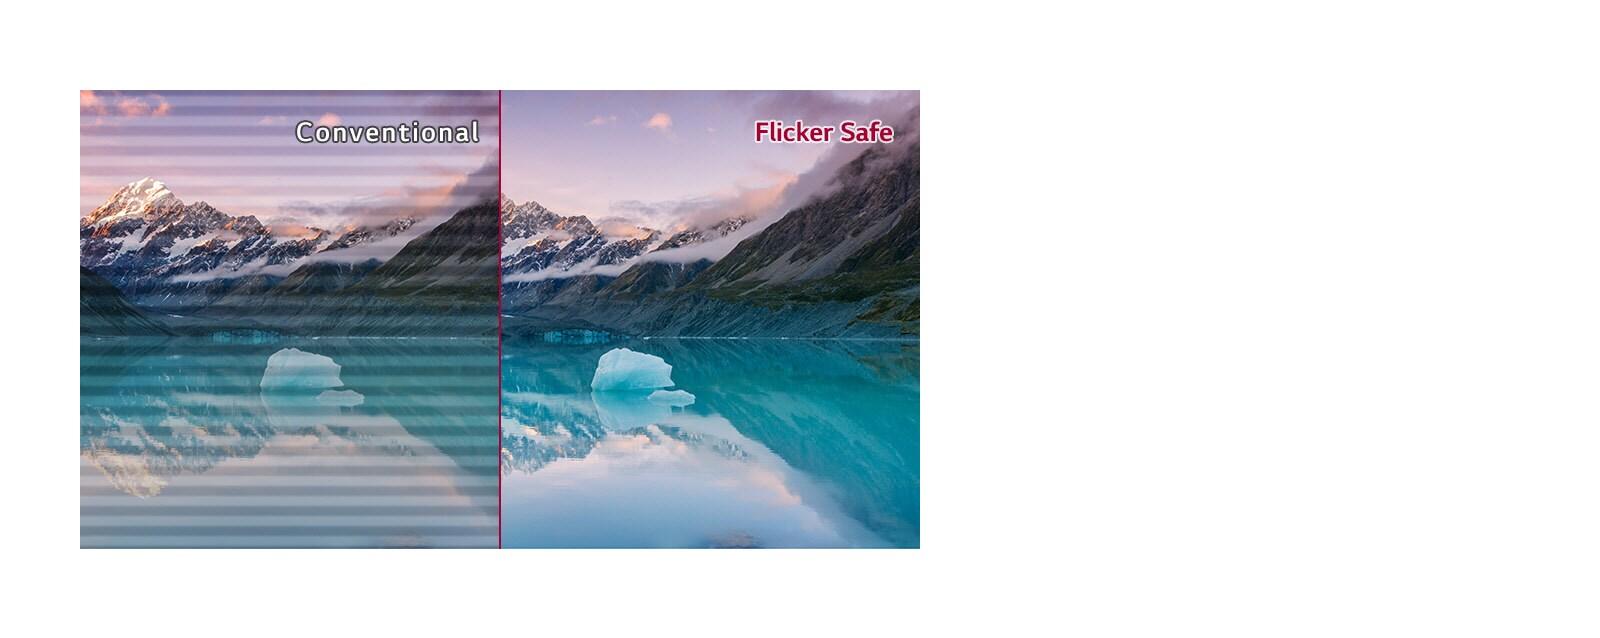 MNT-22MN430M-02-Flicker-Safe-D